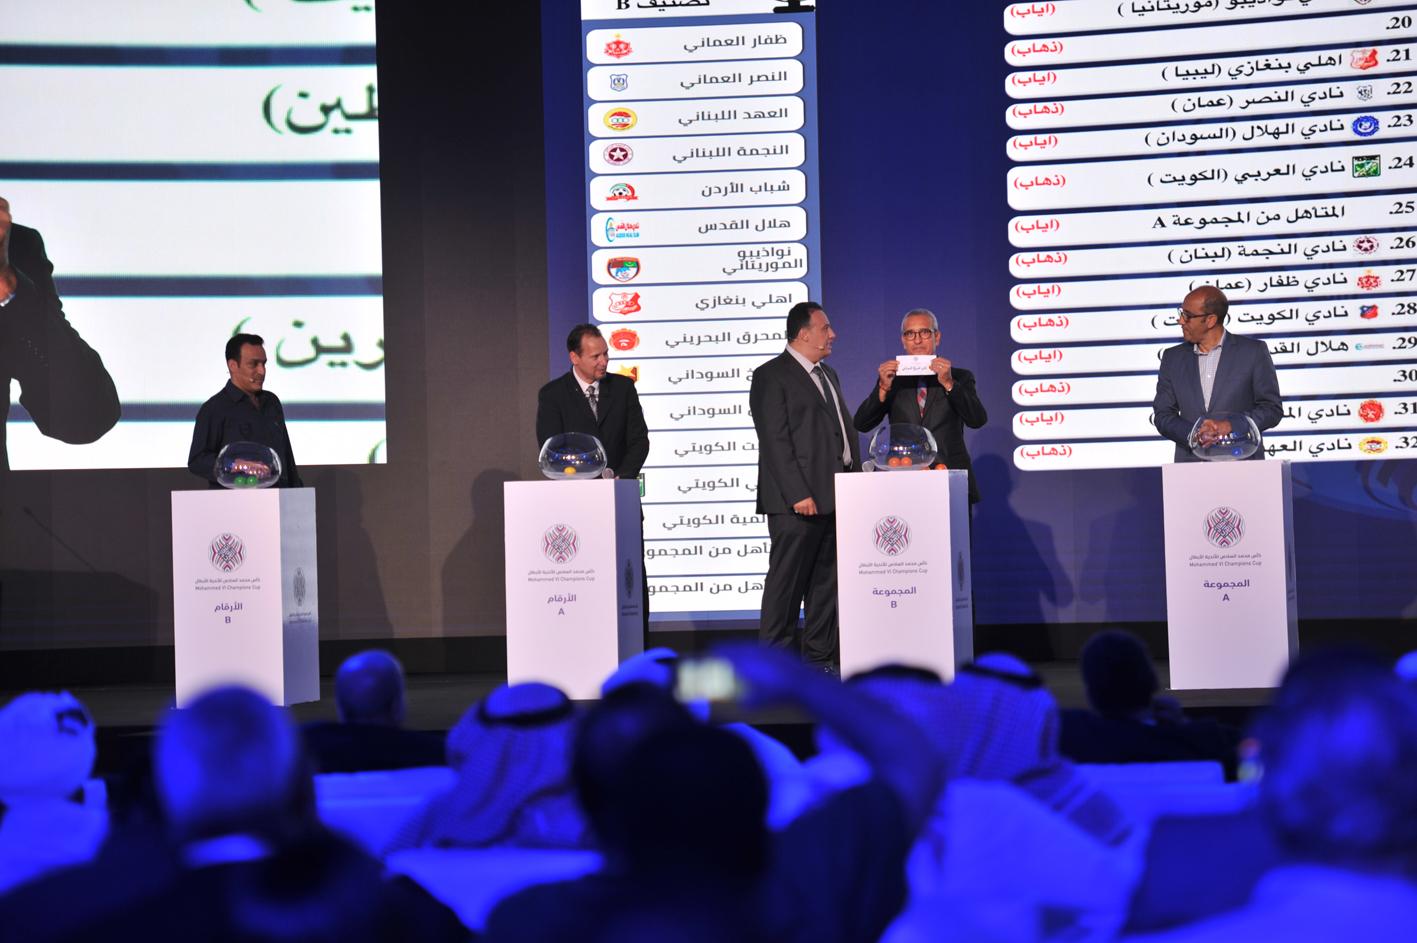 كأس محمد السادس للأندية العربية الأبطال (قرعة دور السدس عشر): برنامج المباريات